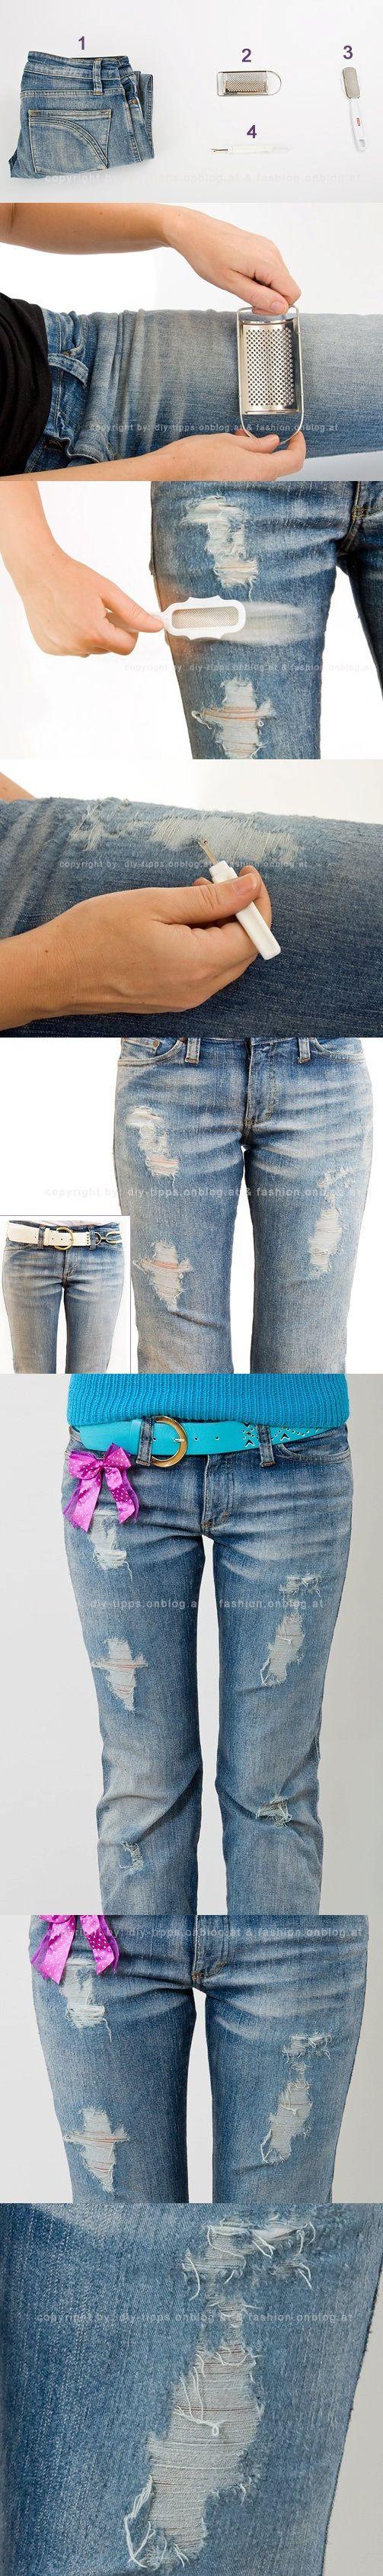 Cara membuat celana jeans robek | Tutorial